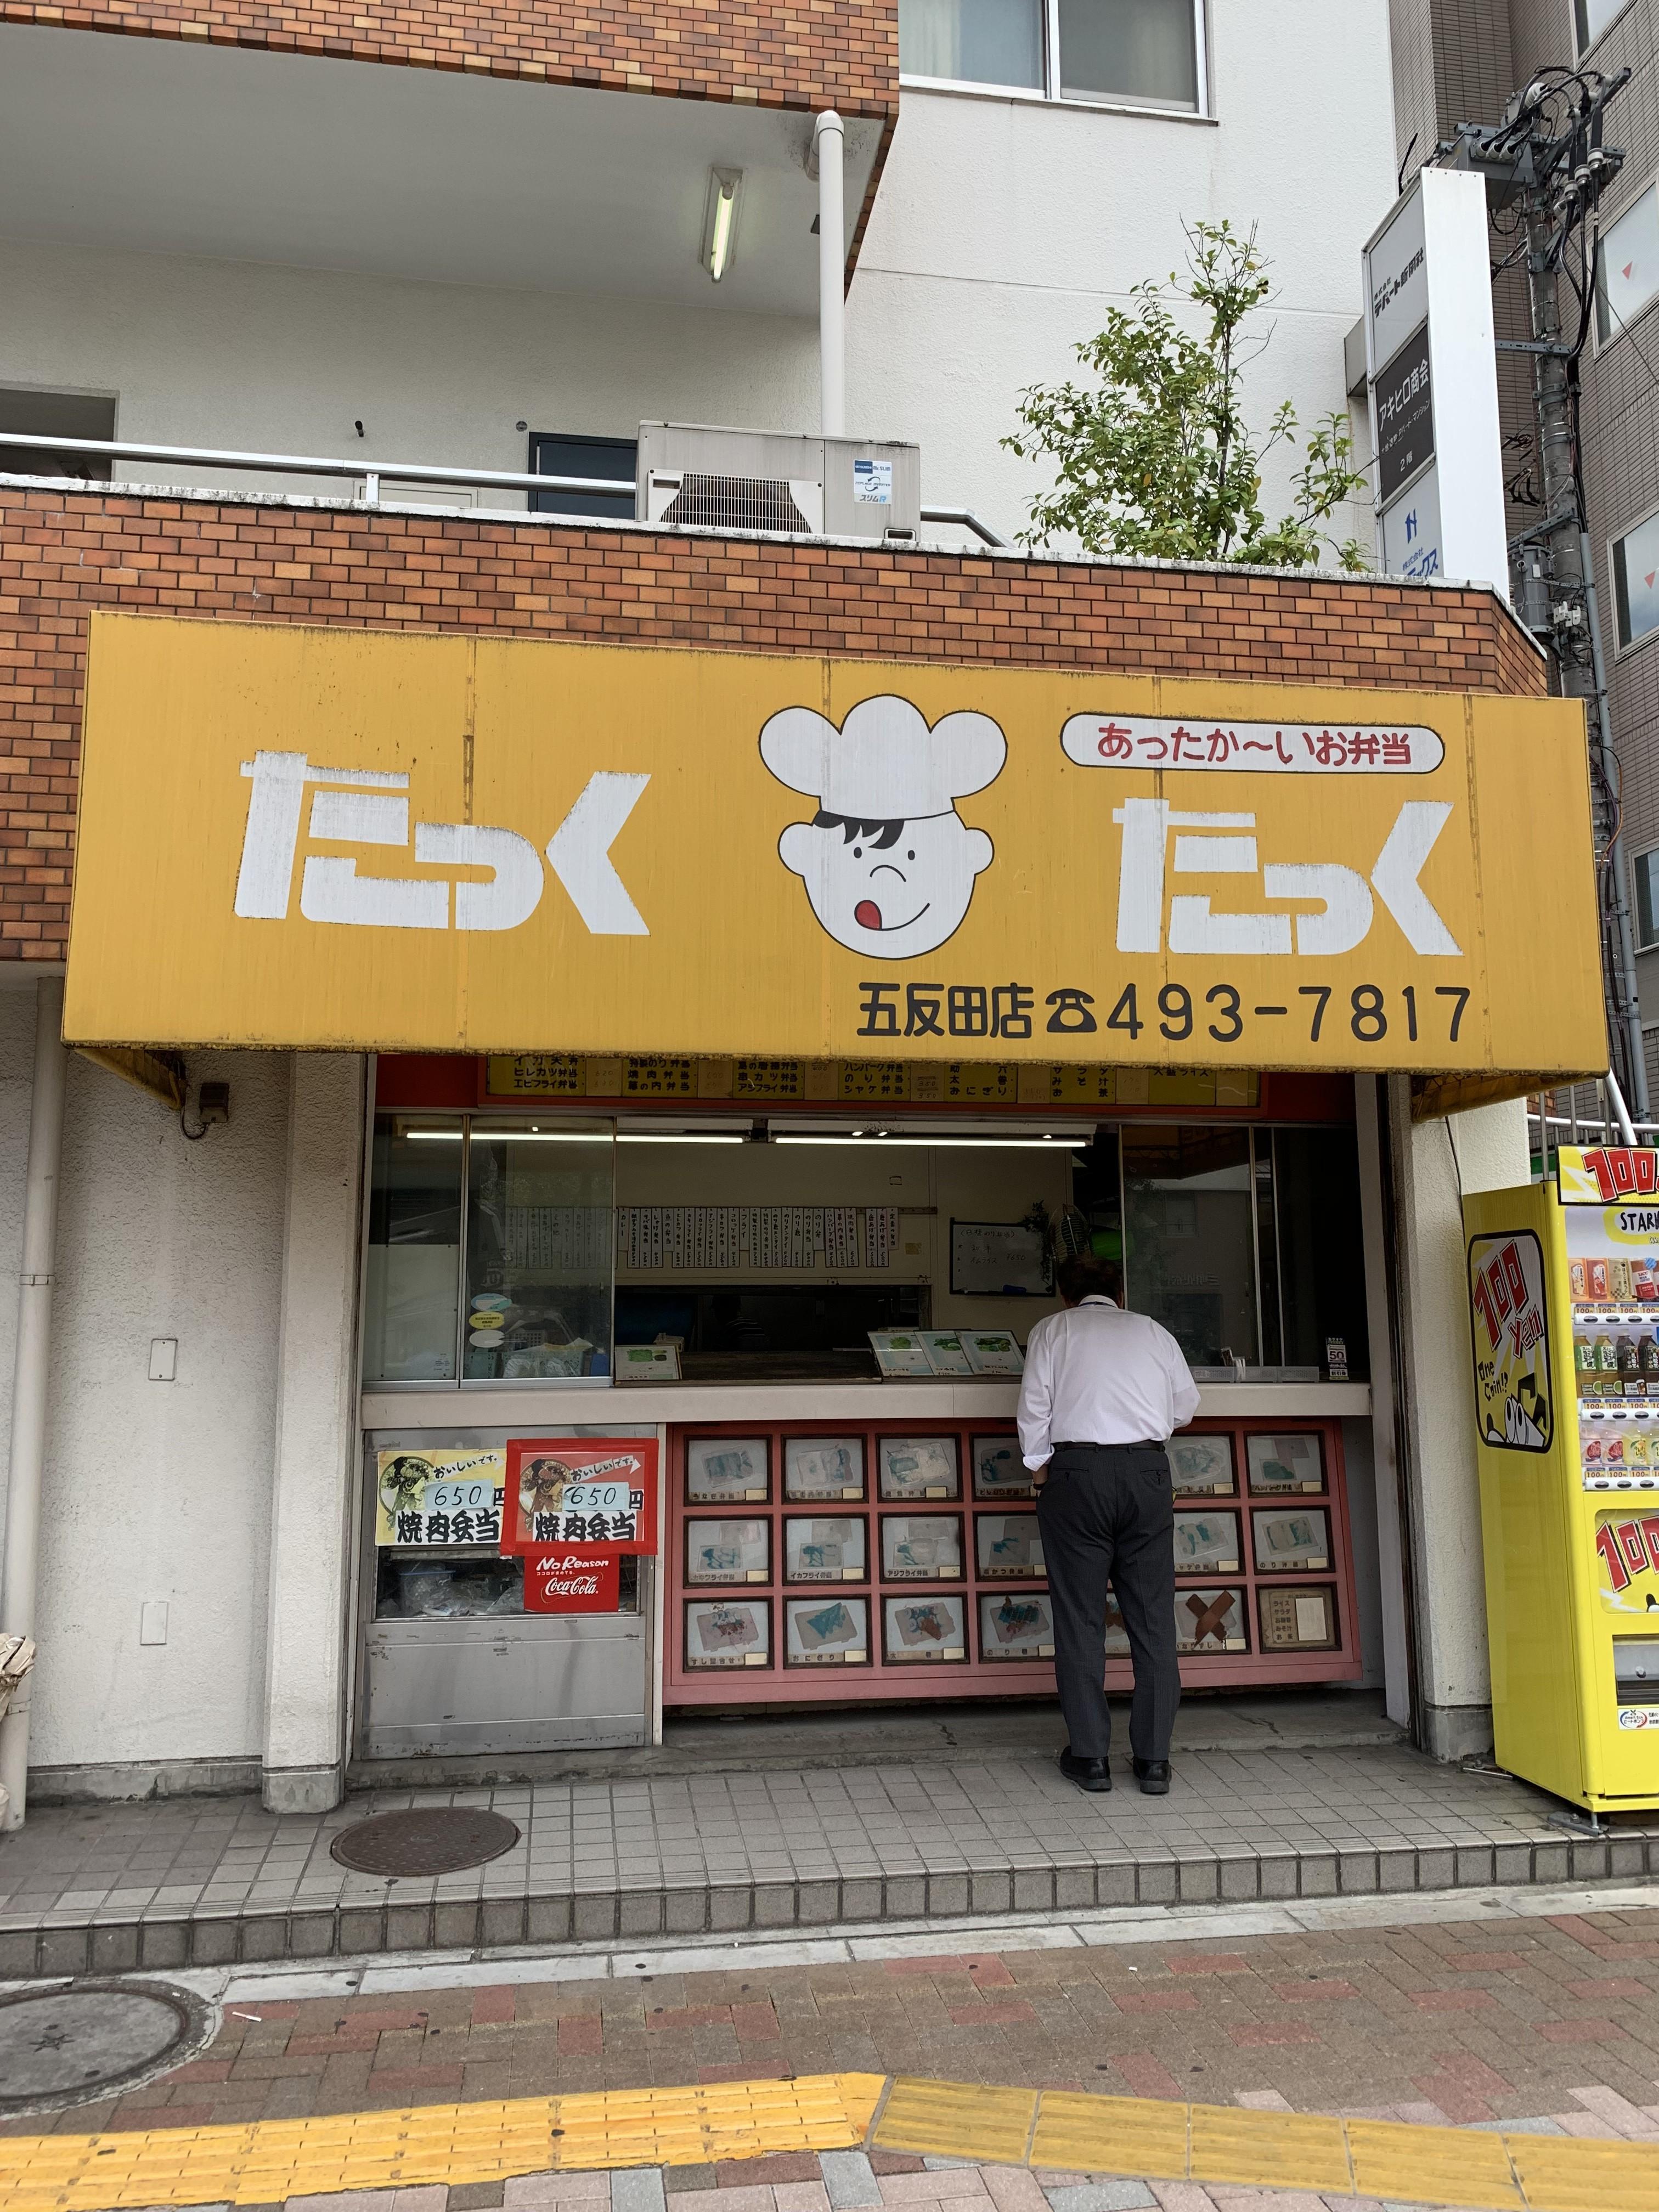 【五反田】たっくたっく/大崎広小路駅の傍、超人気のお弁当屋さん。ランチタイムに大行列ができる理由は…。